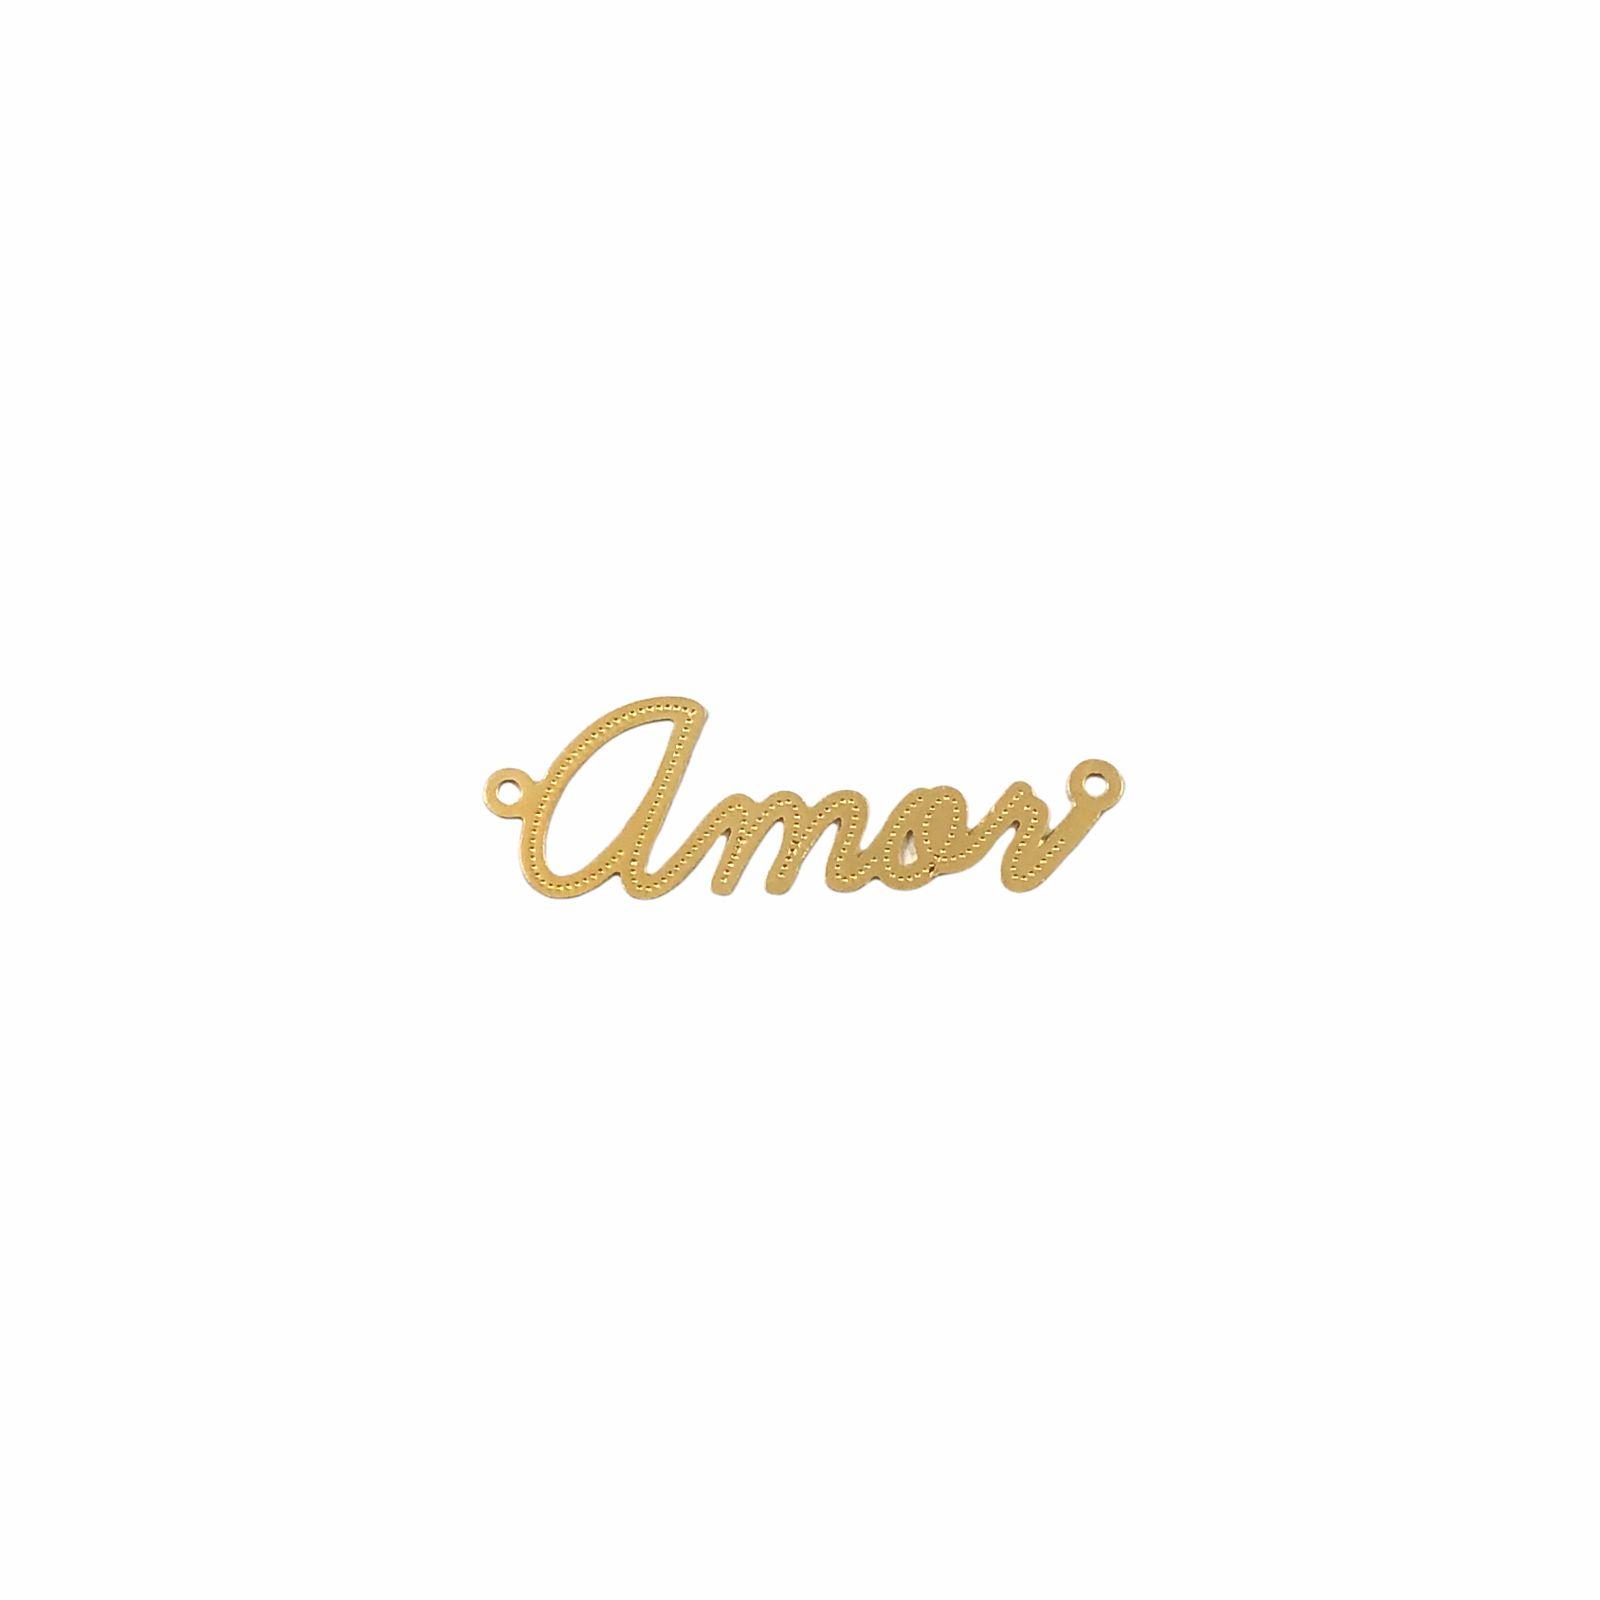 ETM571 - Entremeio Amor Banhado Cor Dourado - 1Unid